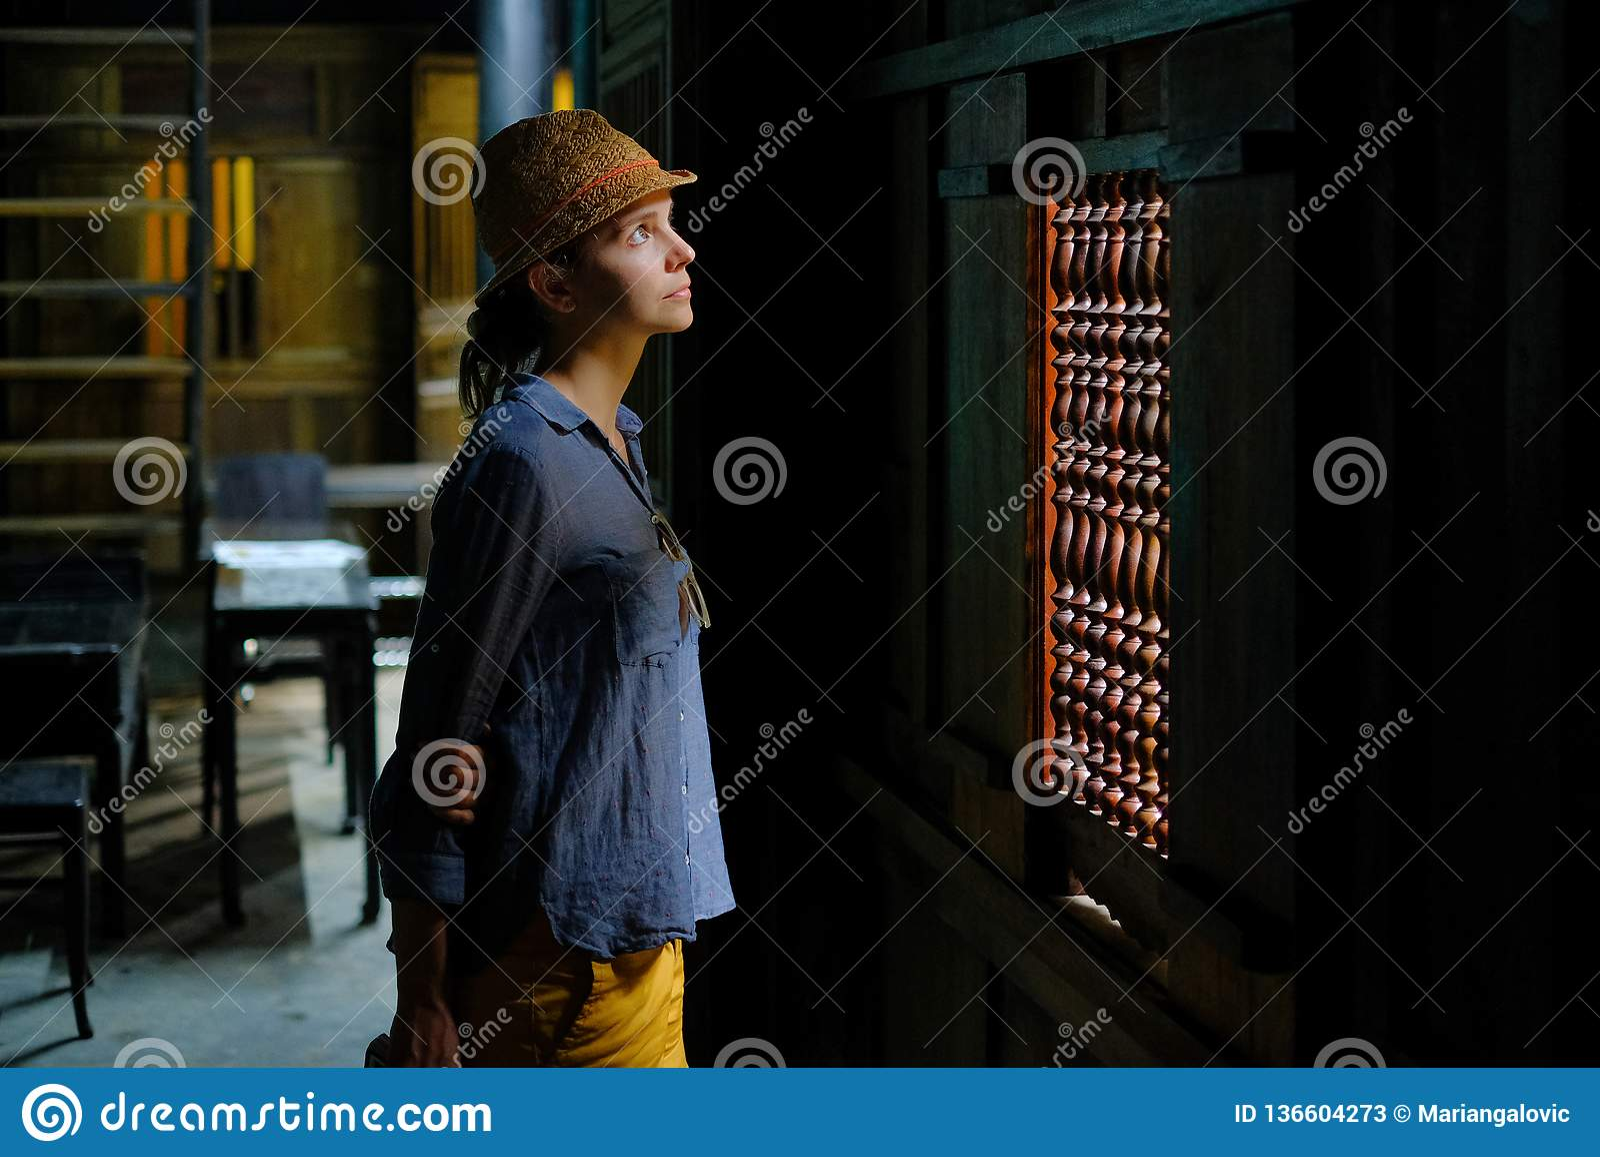 Hoi An/Vietnam, 11/11/2017: Weibliche touristische Stellung im dunklen hölzernen Innenraum eines traditionellen Hauses Tan Ky in